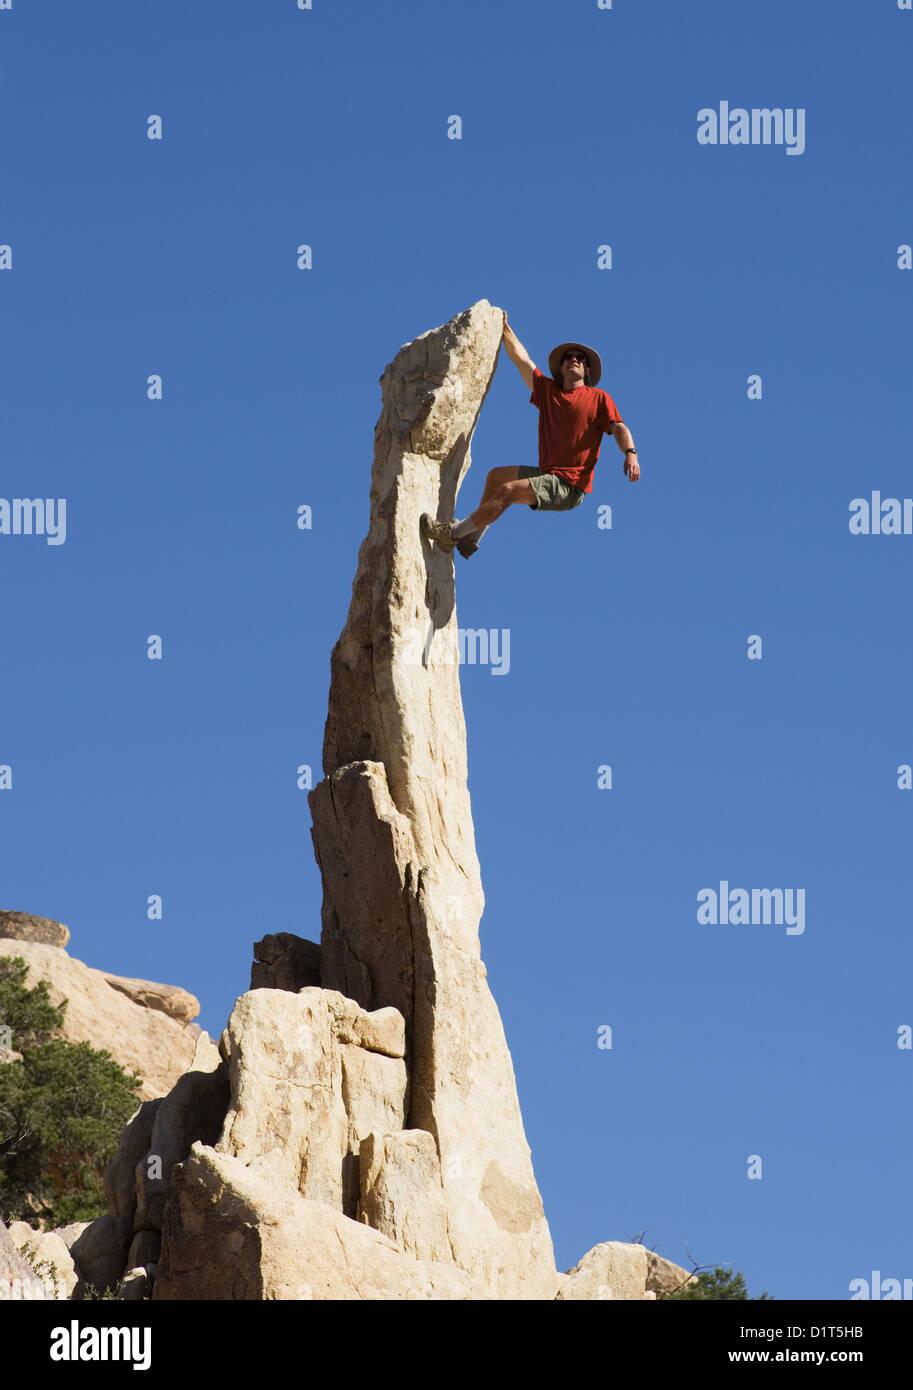 ein Mann klettert eine steile schmale Rock Turmspitze Stockbild